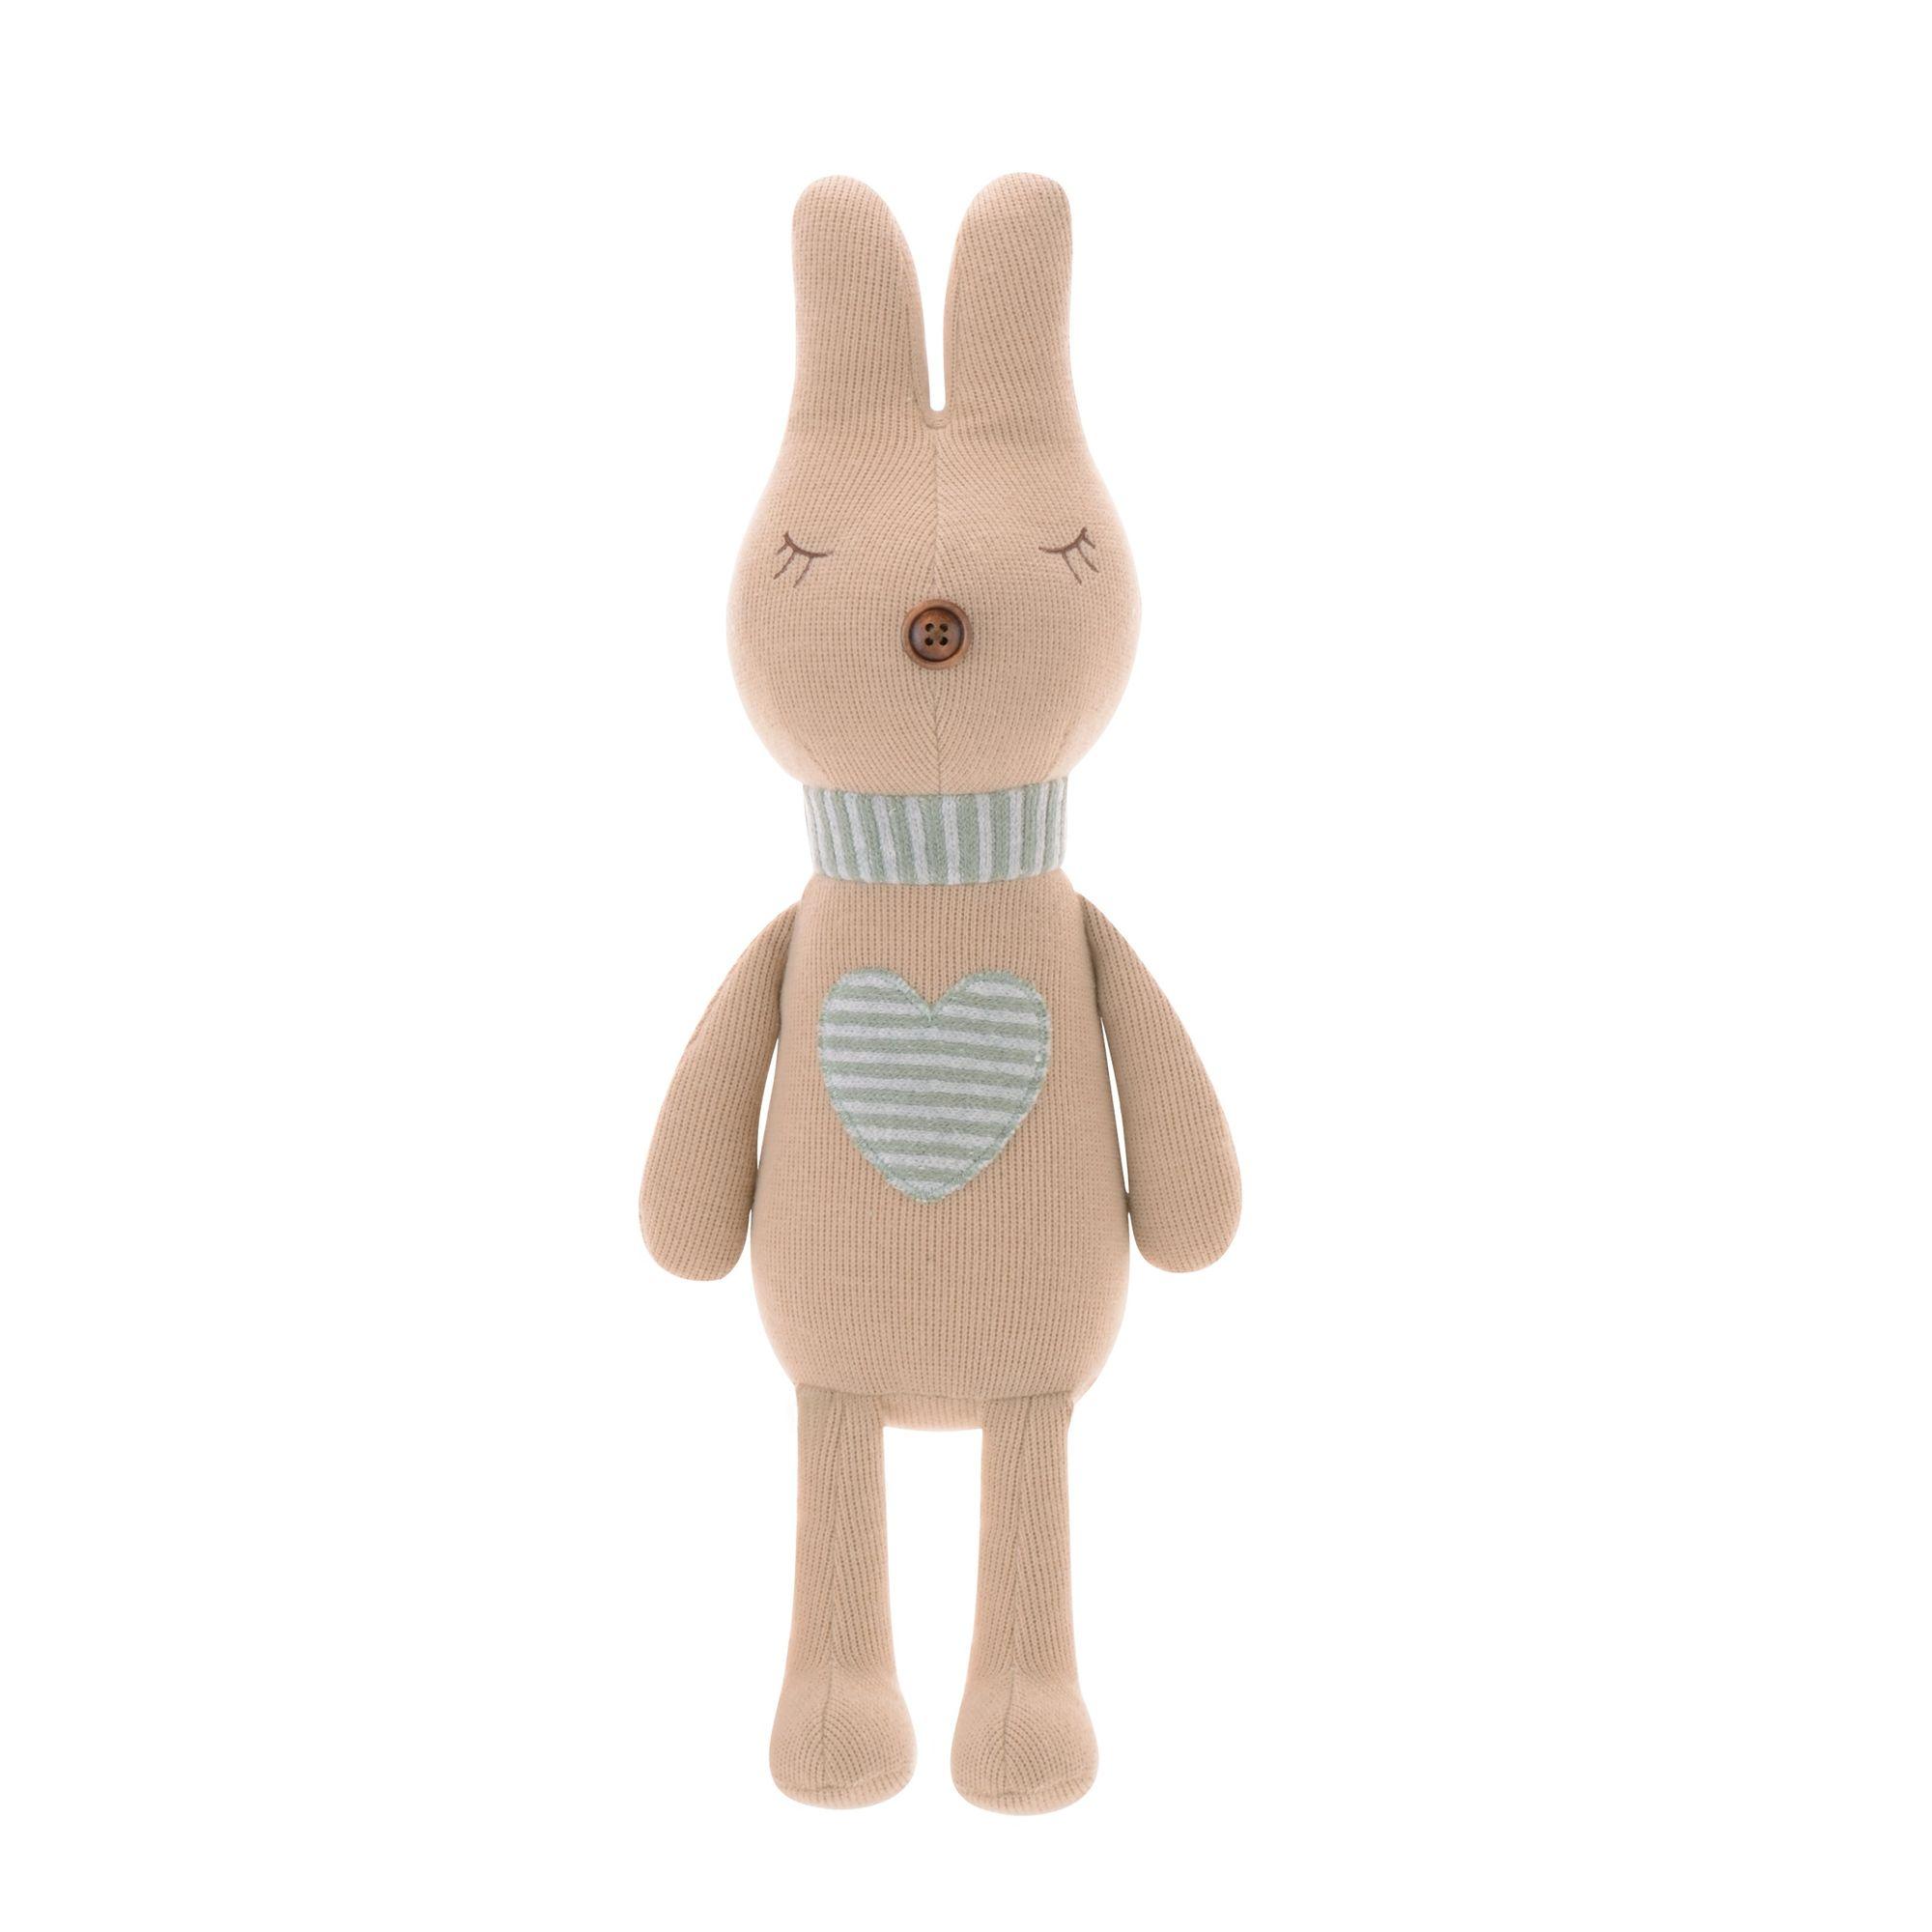 boneco-coelho-metoo-bunny-retro-coracao-nude-1